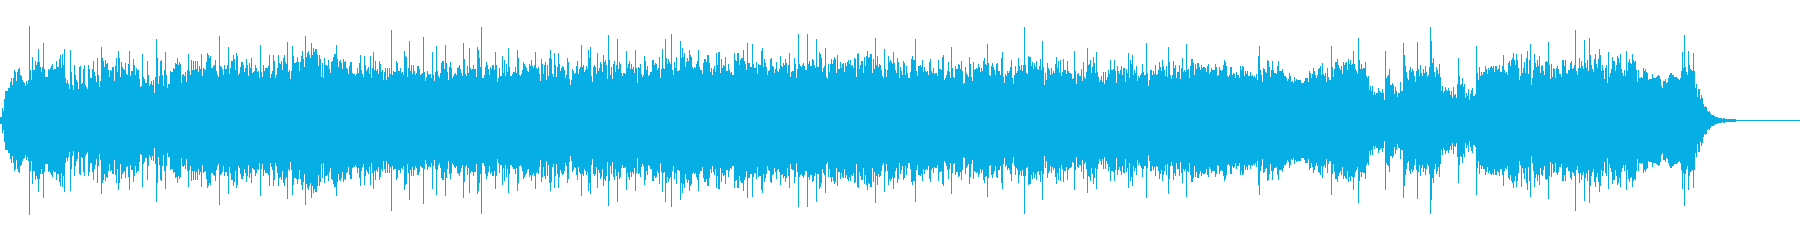 スピード感あるロックバンドな一曲の再生済みの波形